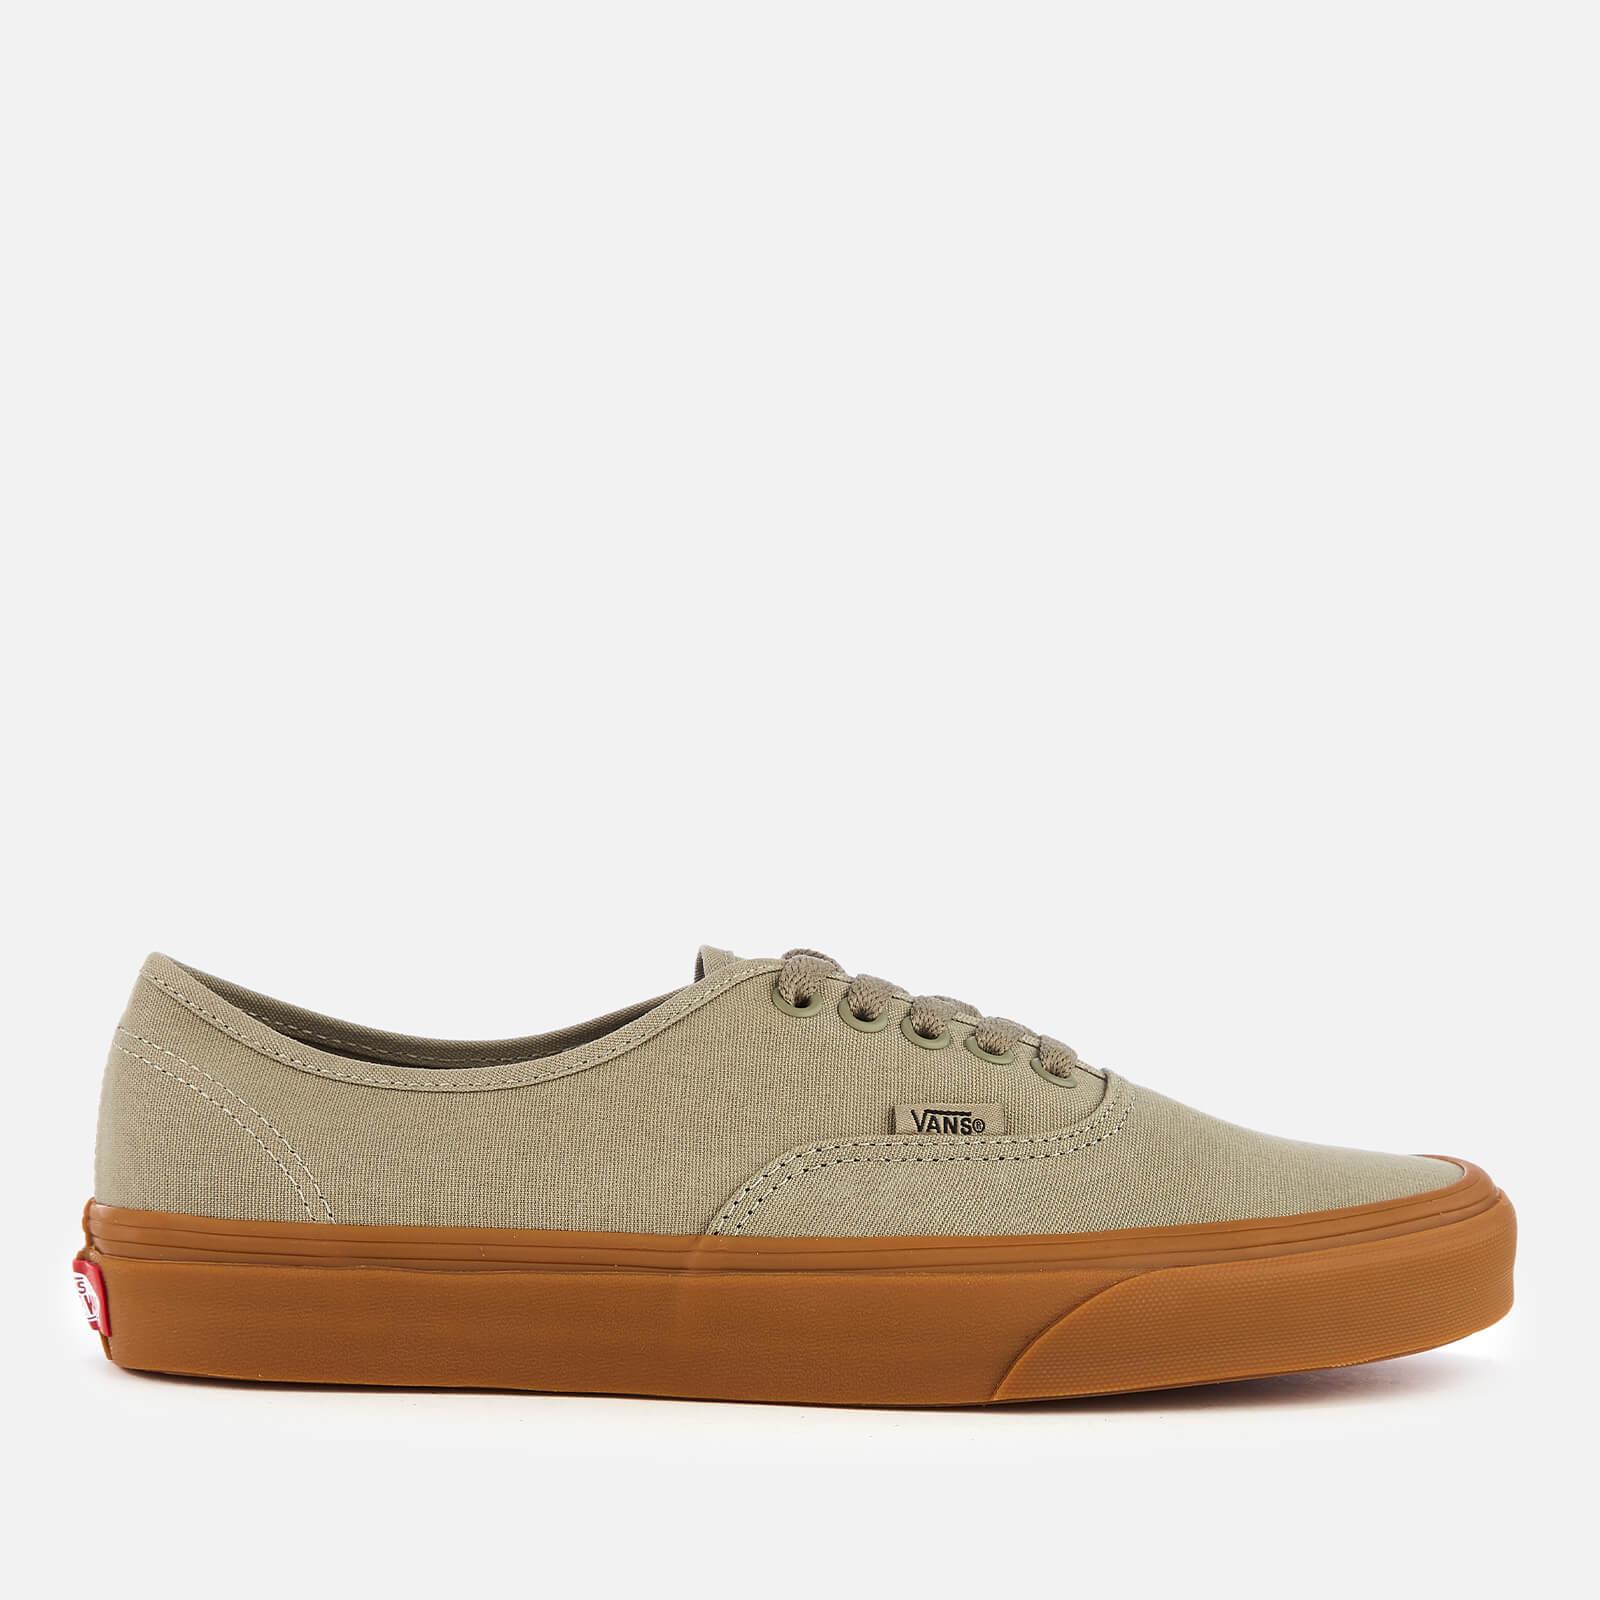 dc708296c3 Vans Men s Authentic Trainers - Laurel Oak Gum Mens Footwear ...